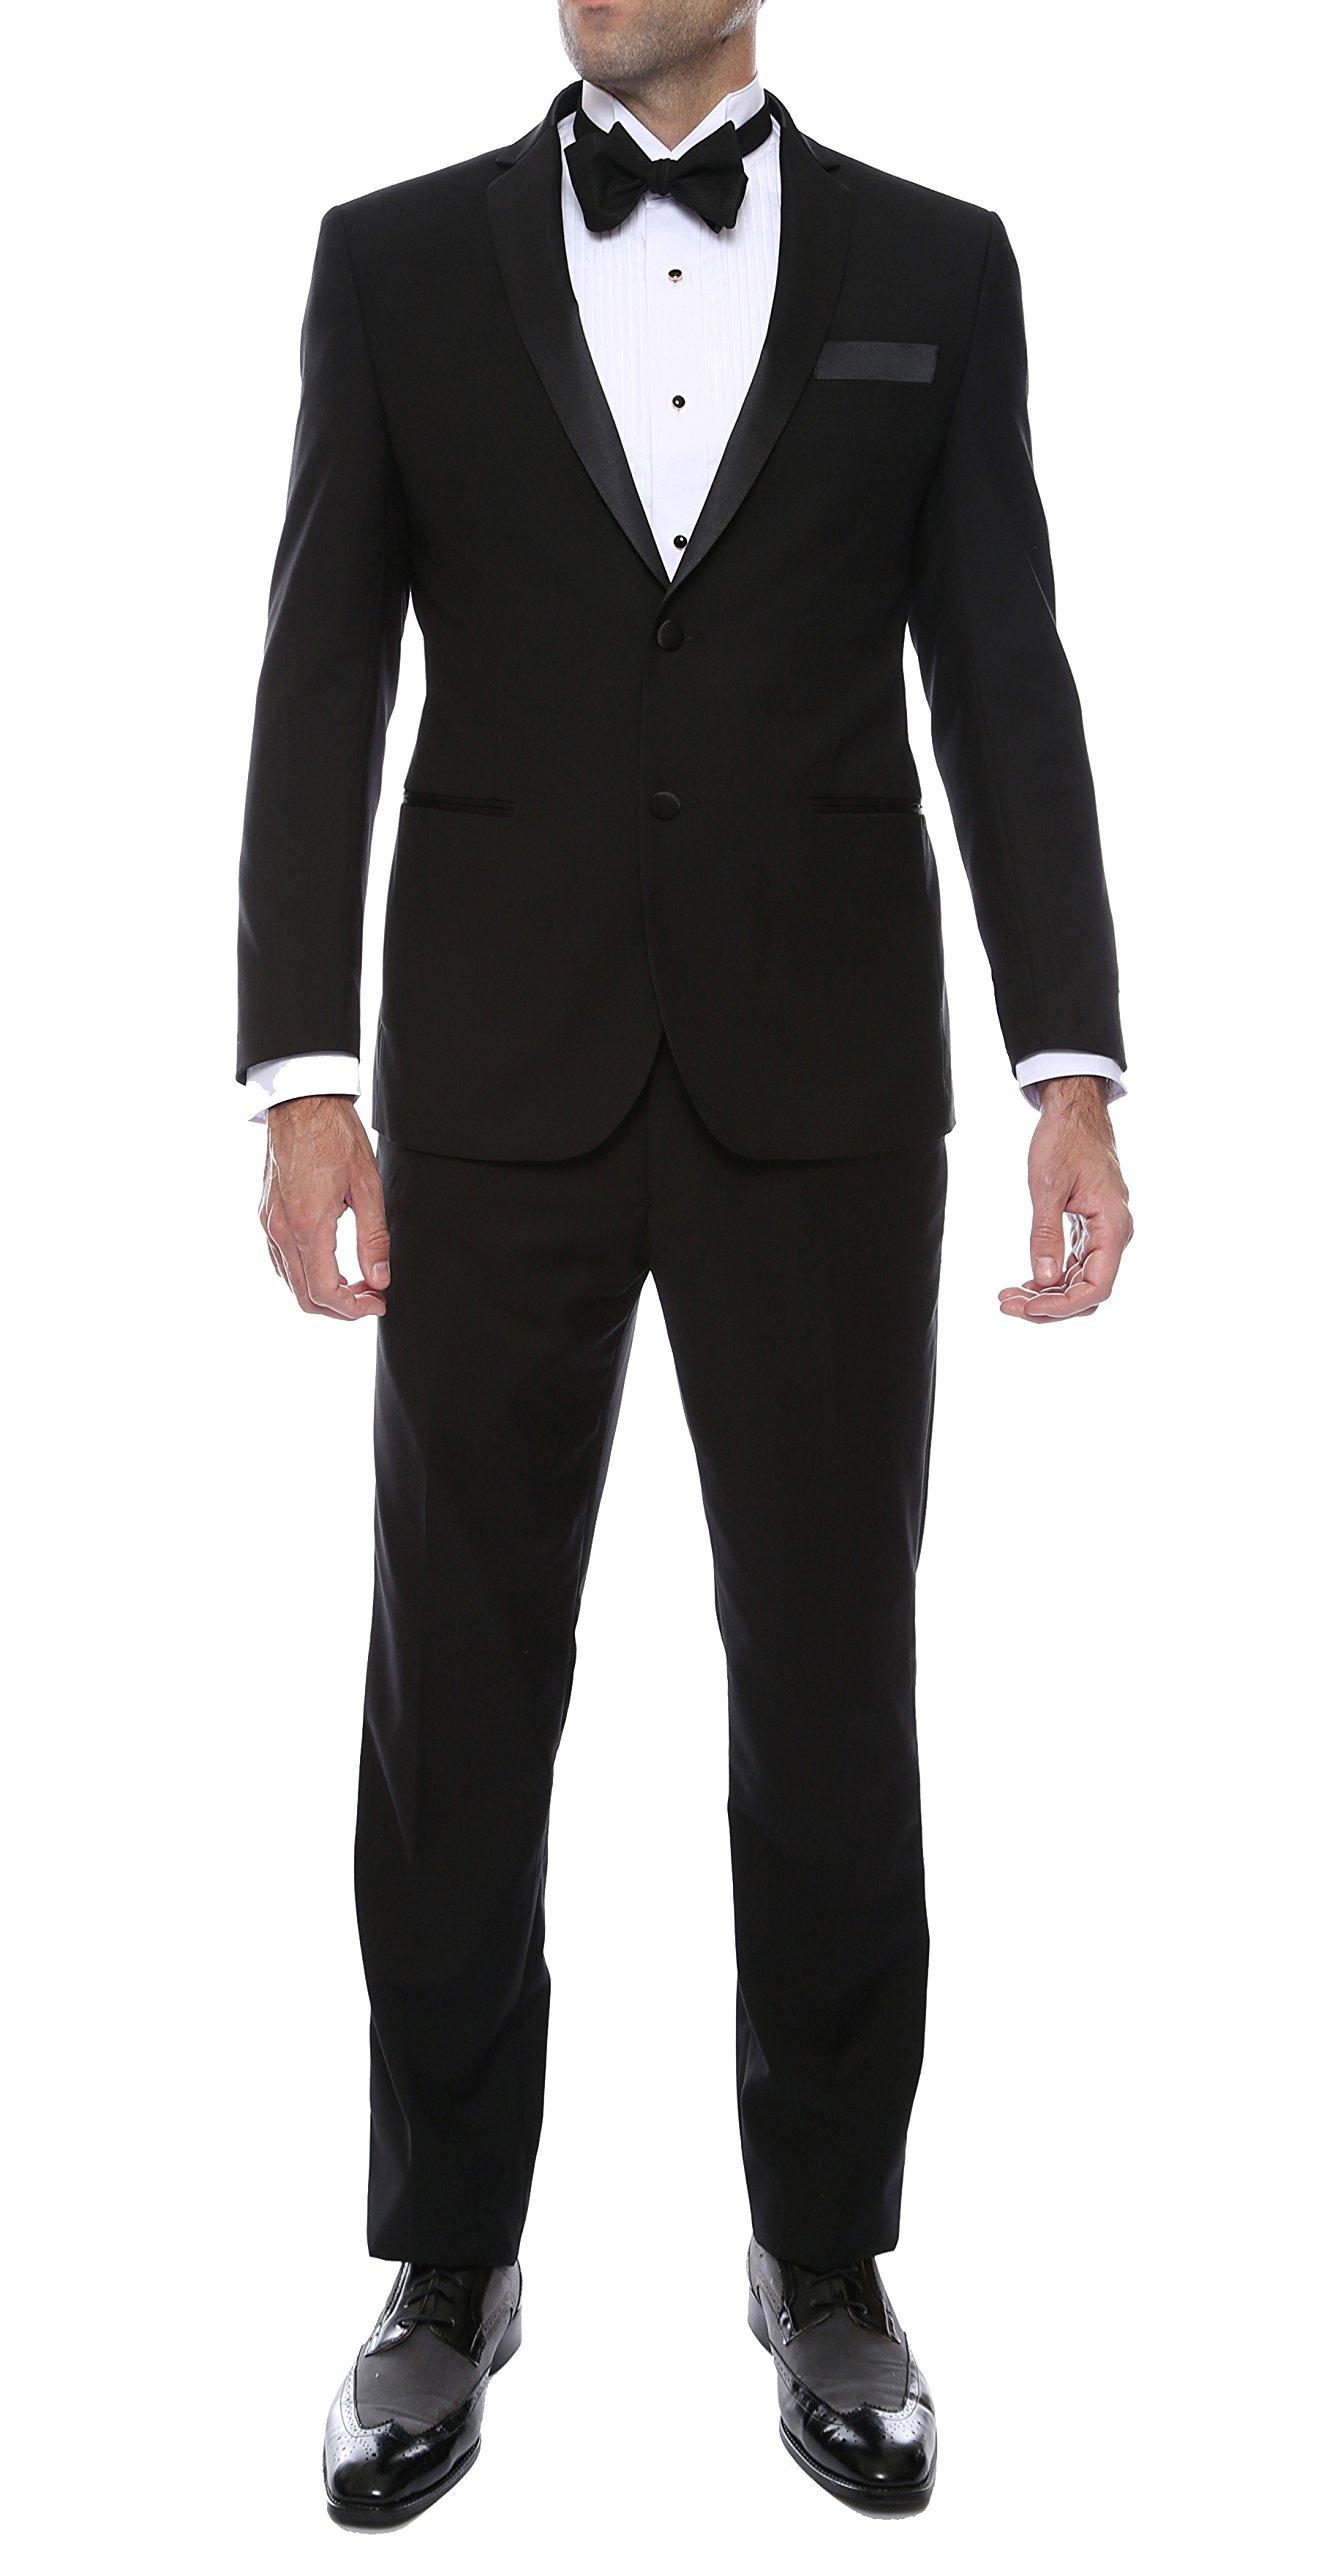 36R Ferrecci BRONSON Black Slim Fit 2pc Tuxedo by Ferrecci